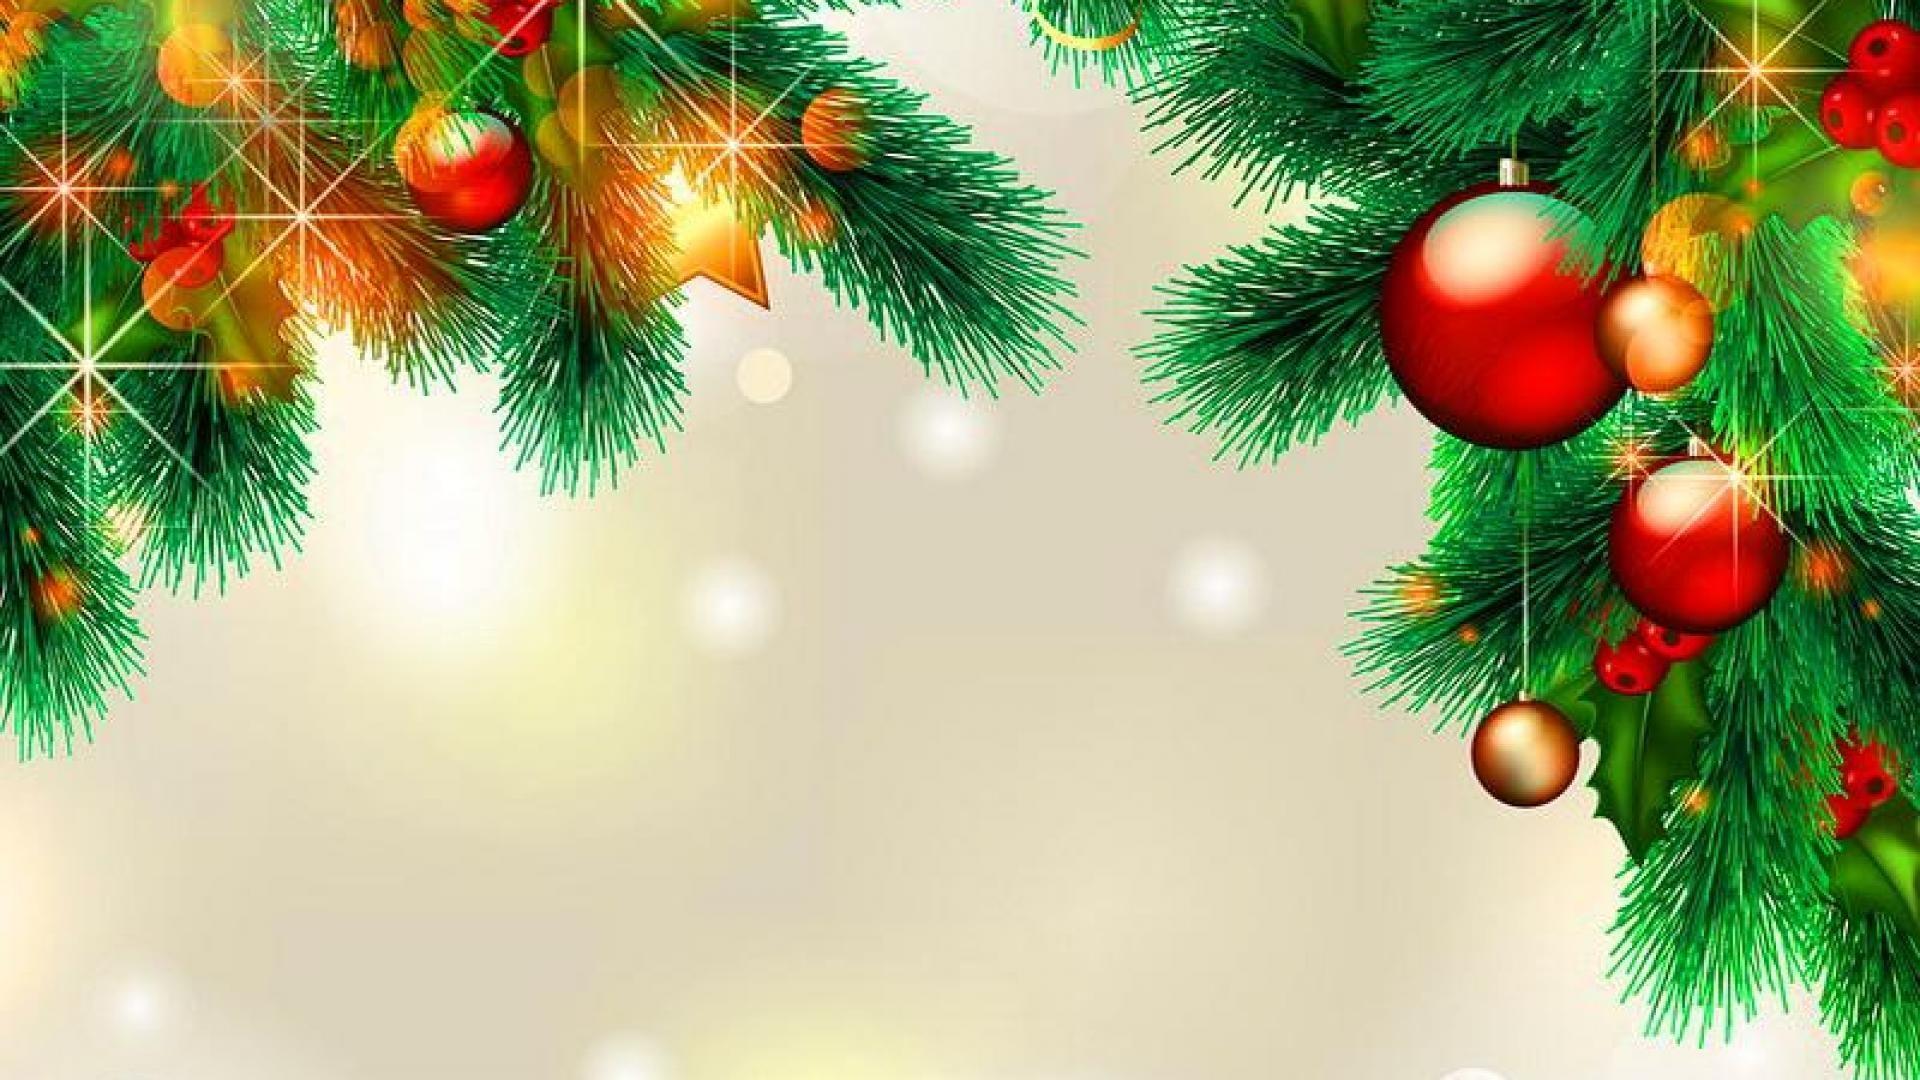 … christmas lights wallpaper hd pixelstalk net …